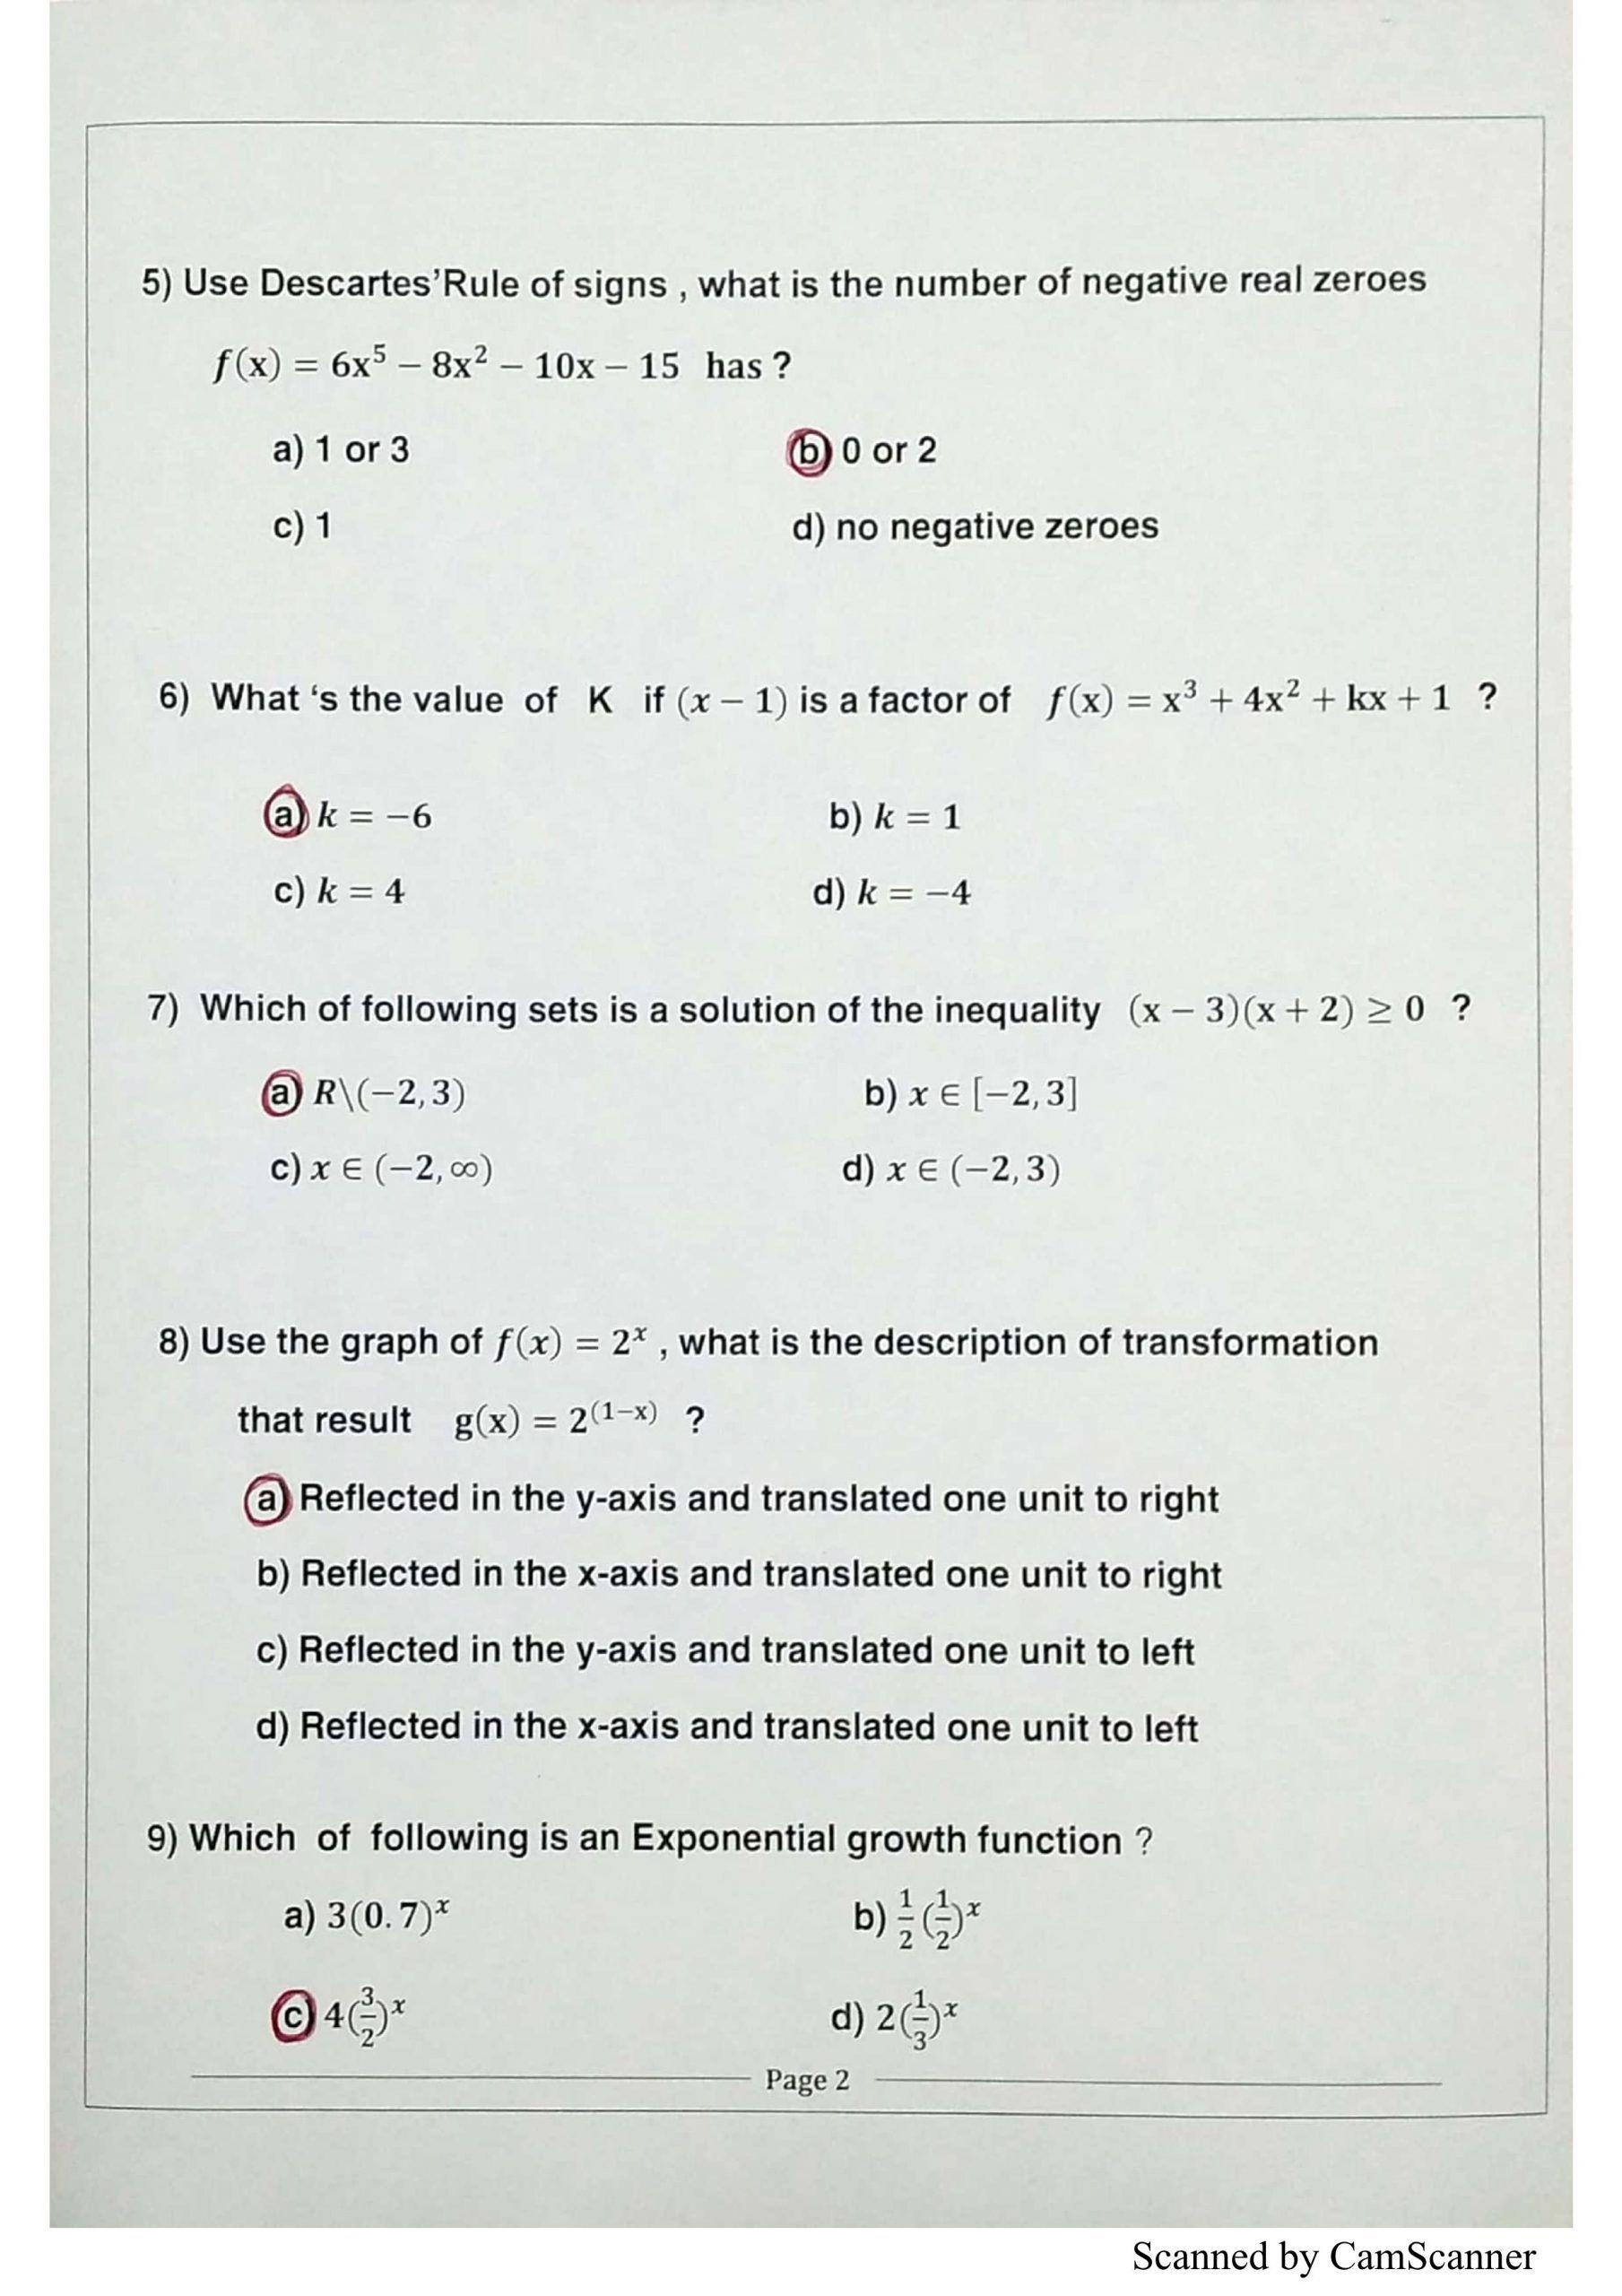 حل امتحان نهاية الفصل الدراسي الاول 2017 2018 بالانجليزي الصف الحادي عشر متقدم مادة الرياضيات الم Negativity Person Real